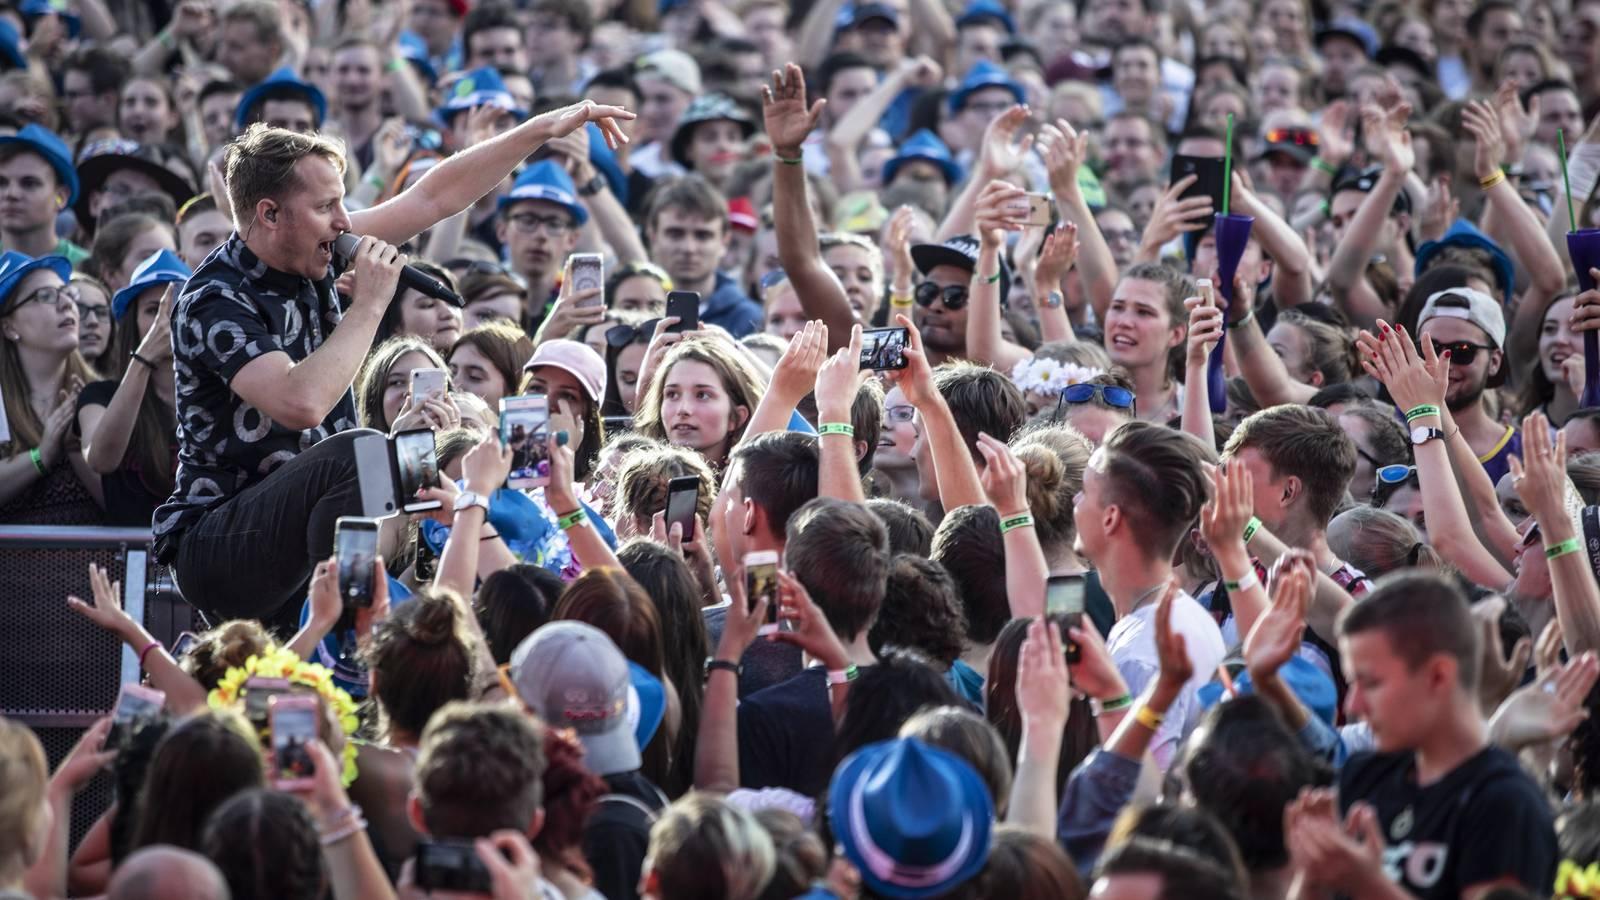 Die #partyvomjahr ist die grösste Meute, vor der Hecht je gespielt haben. Yeah. (© Patrick Hoerdt)